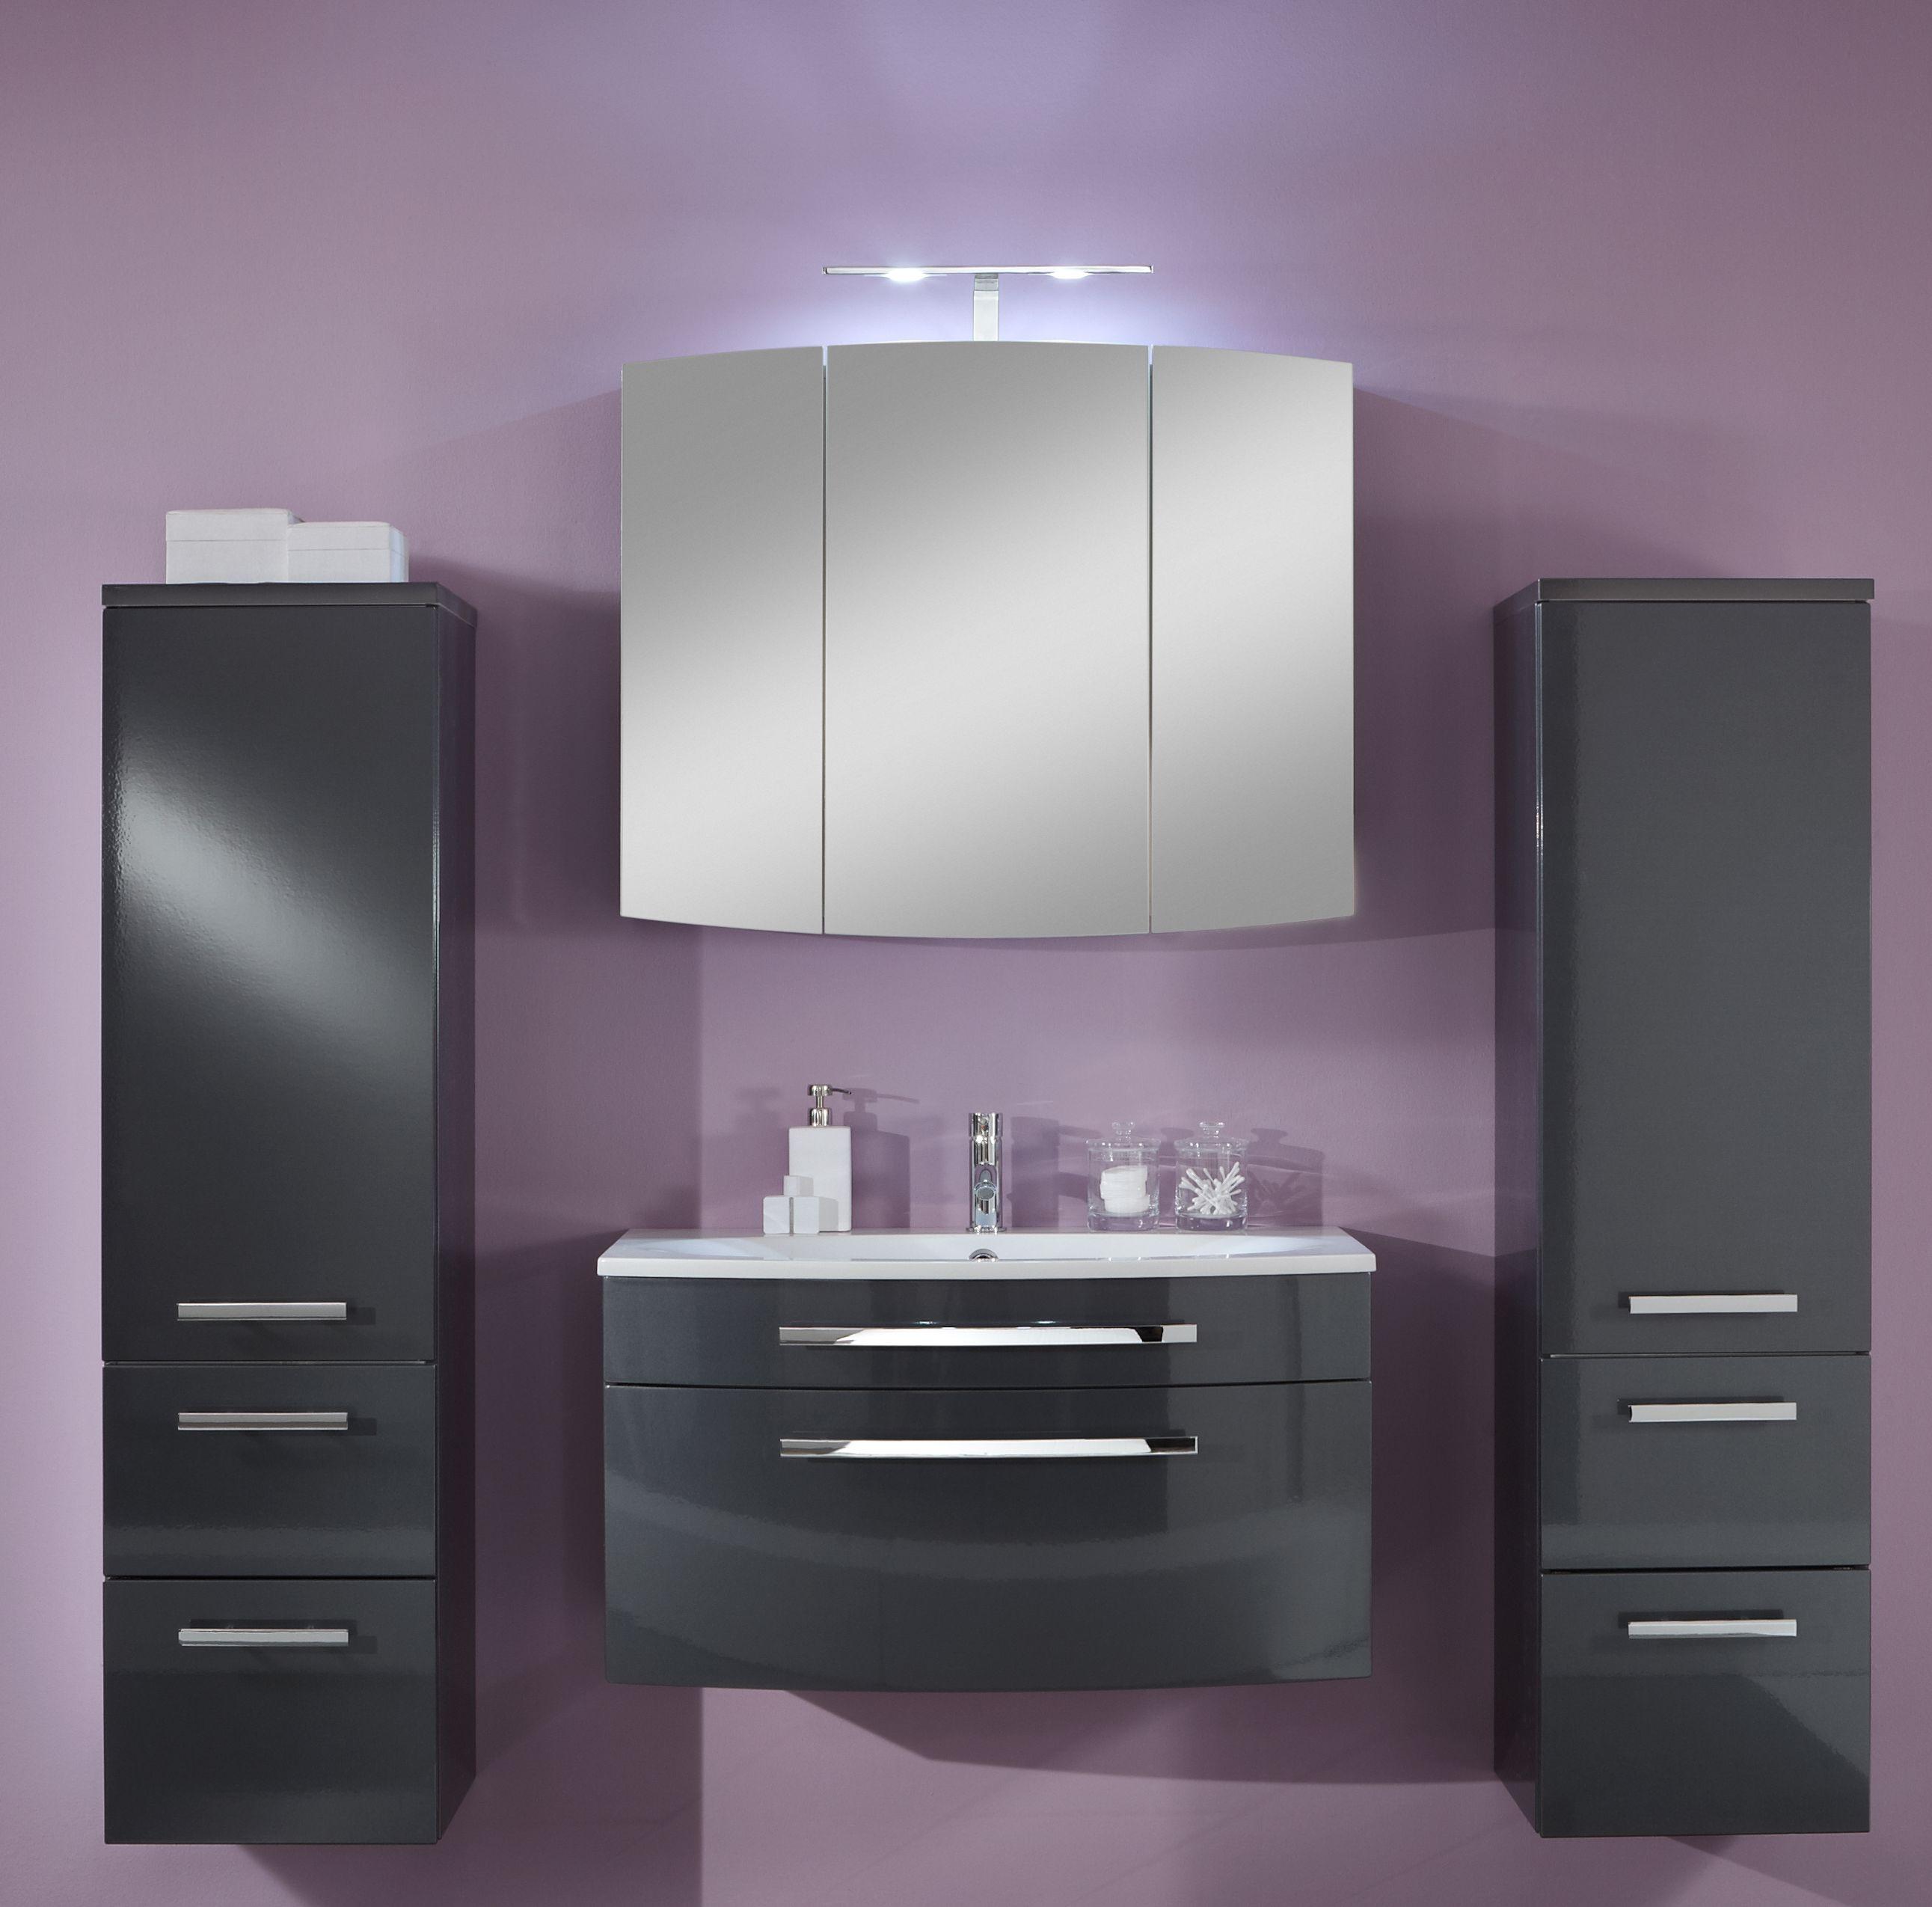 marlin bad 3100 scala 90 cm kombination g nstig kaufen m bel universum. Black Bedroom Furniture Sets. Home Design Ideas